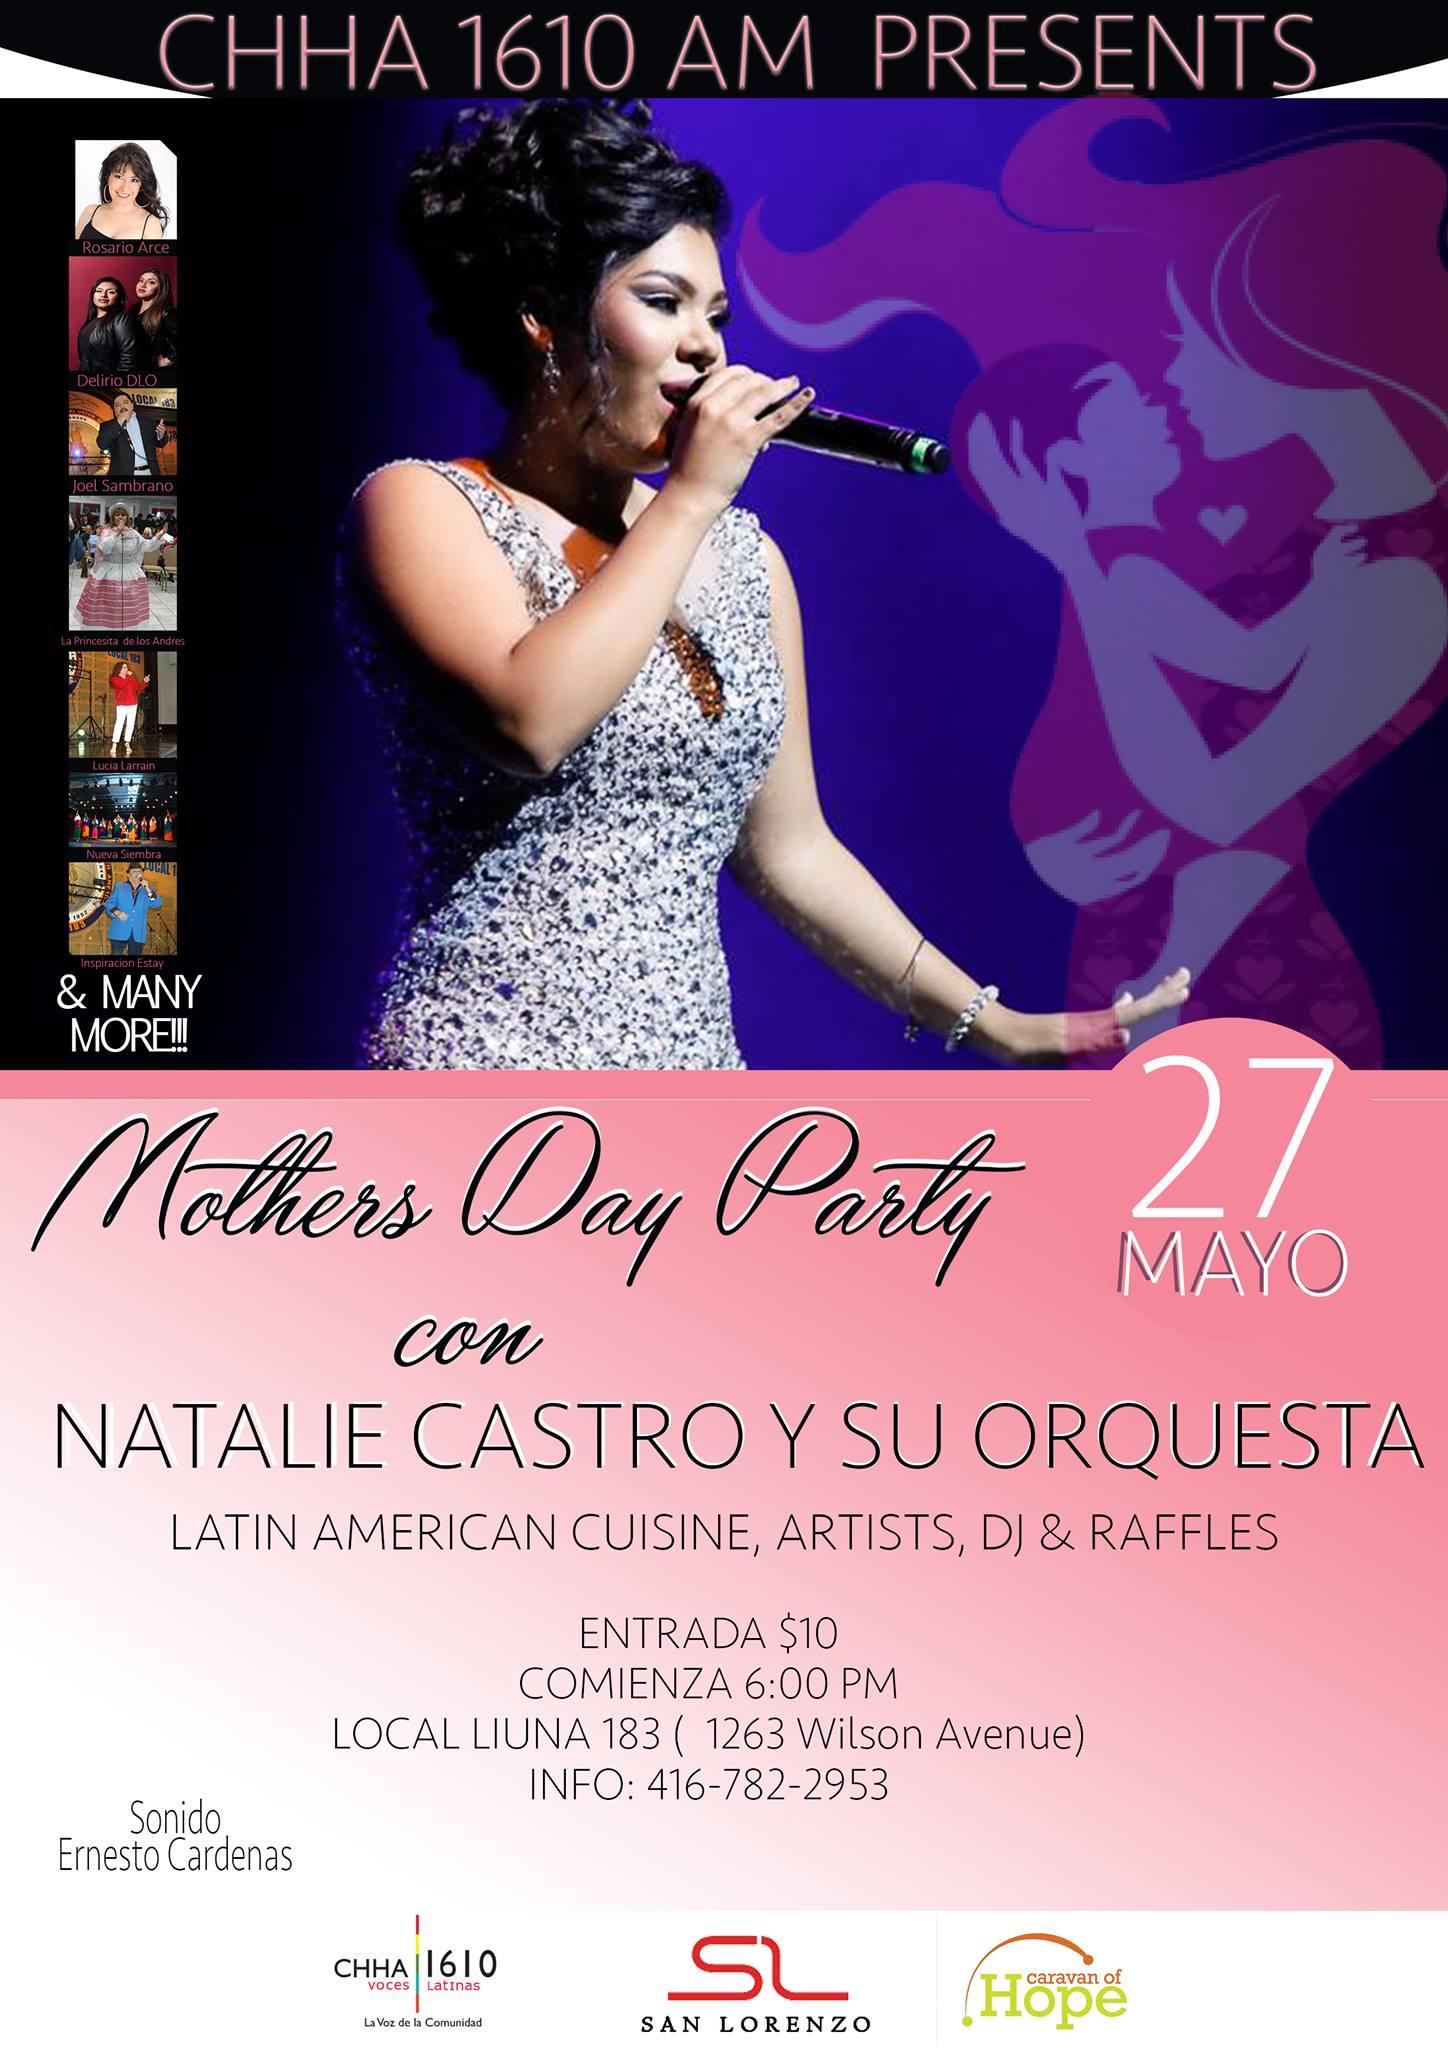 Radio Voces Latinas Invita a celebrar a las mamás este 27 de mayo en evento espectacular